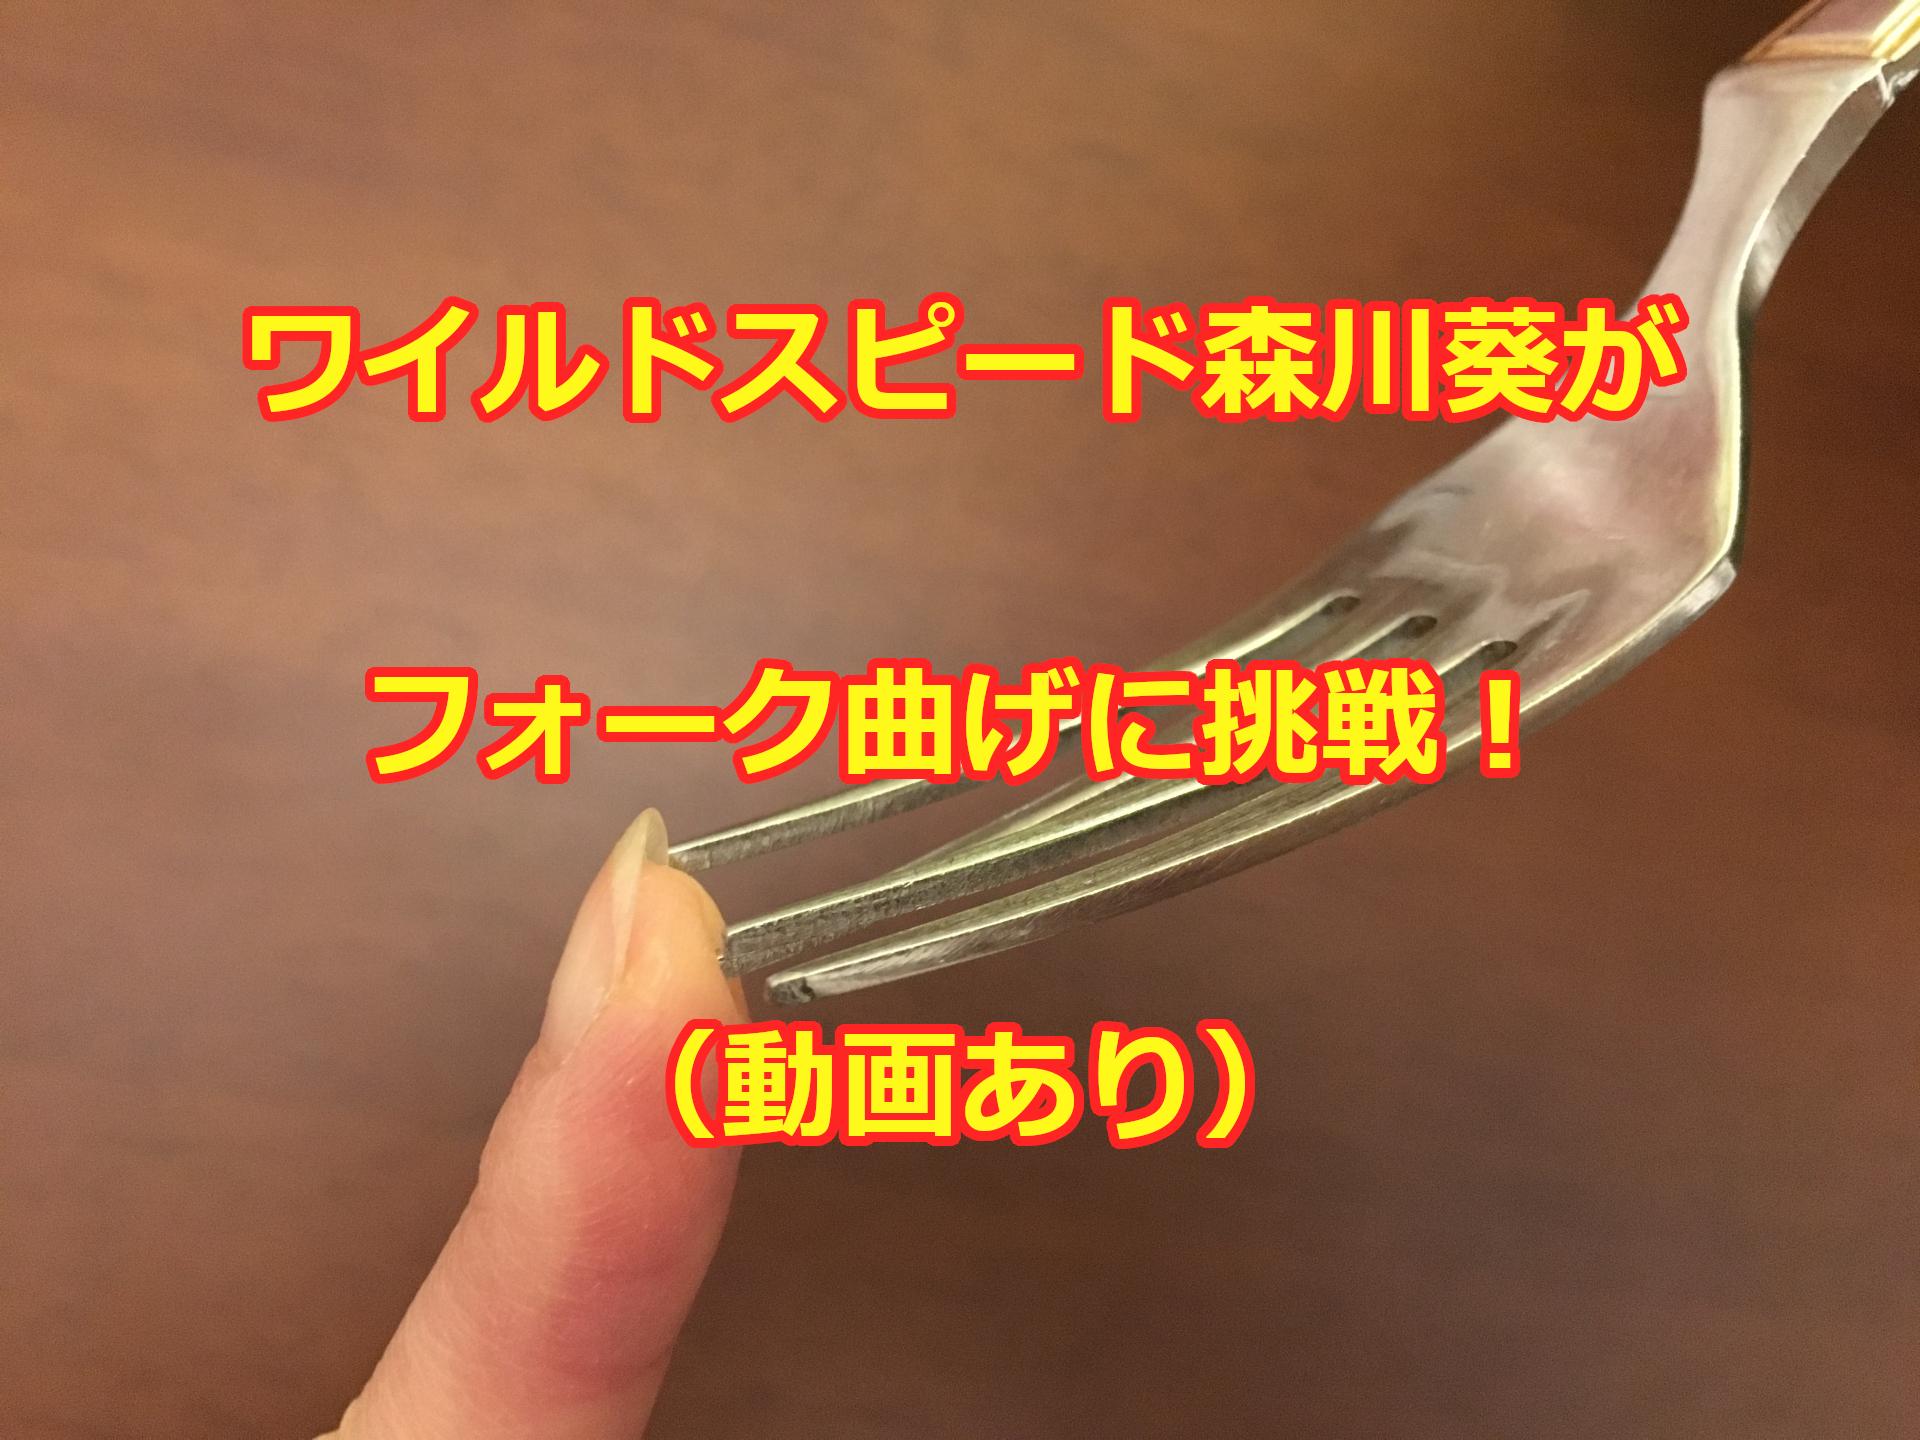 ワイルドスピード森川葵のフォーク曲げ